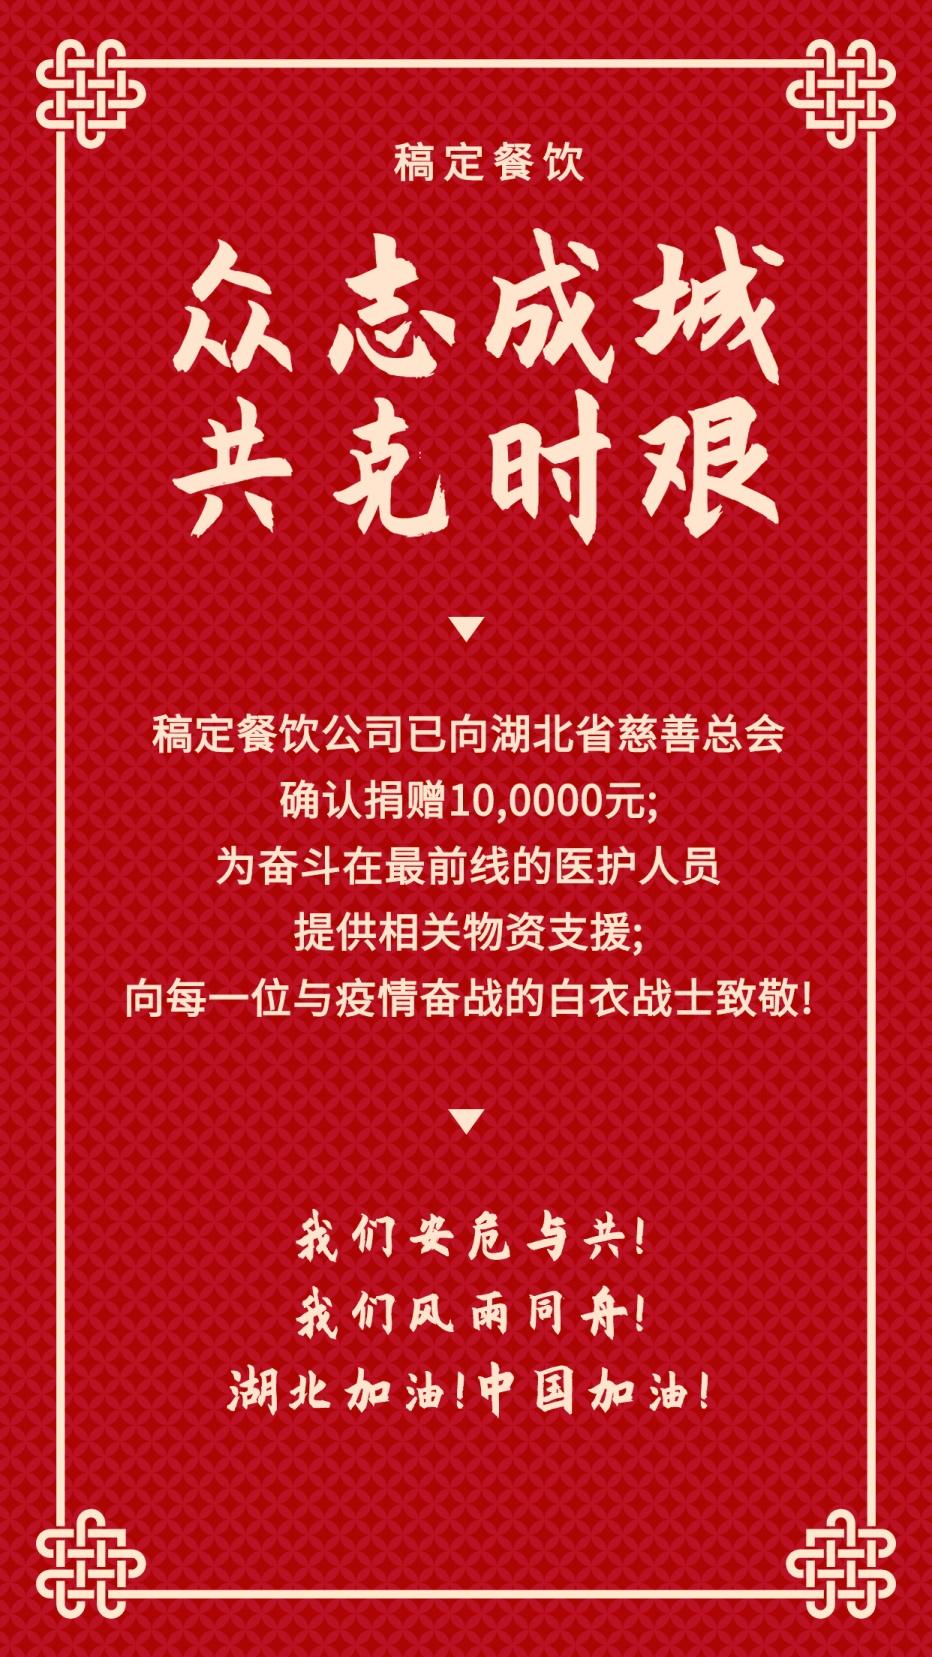 防疫捐赠物资公告海报